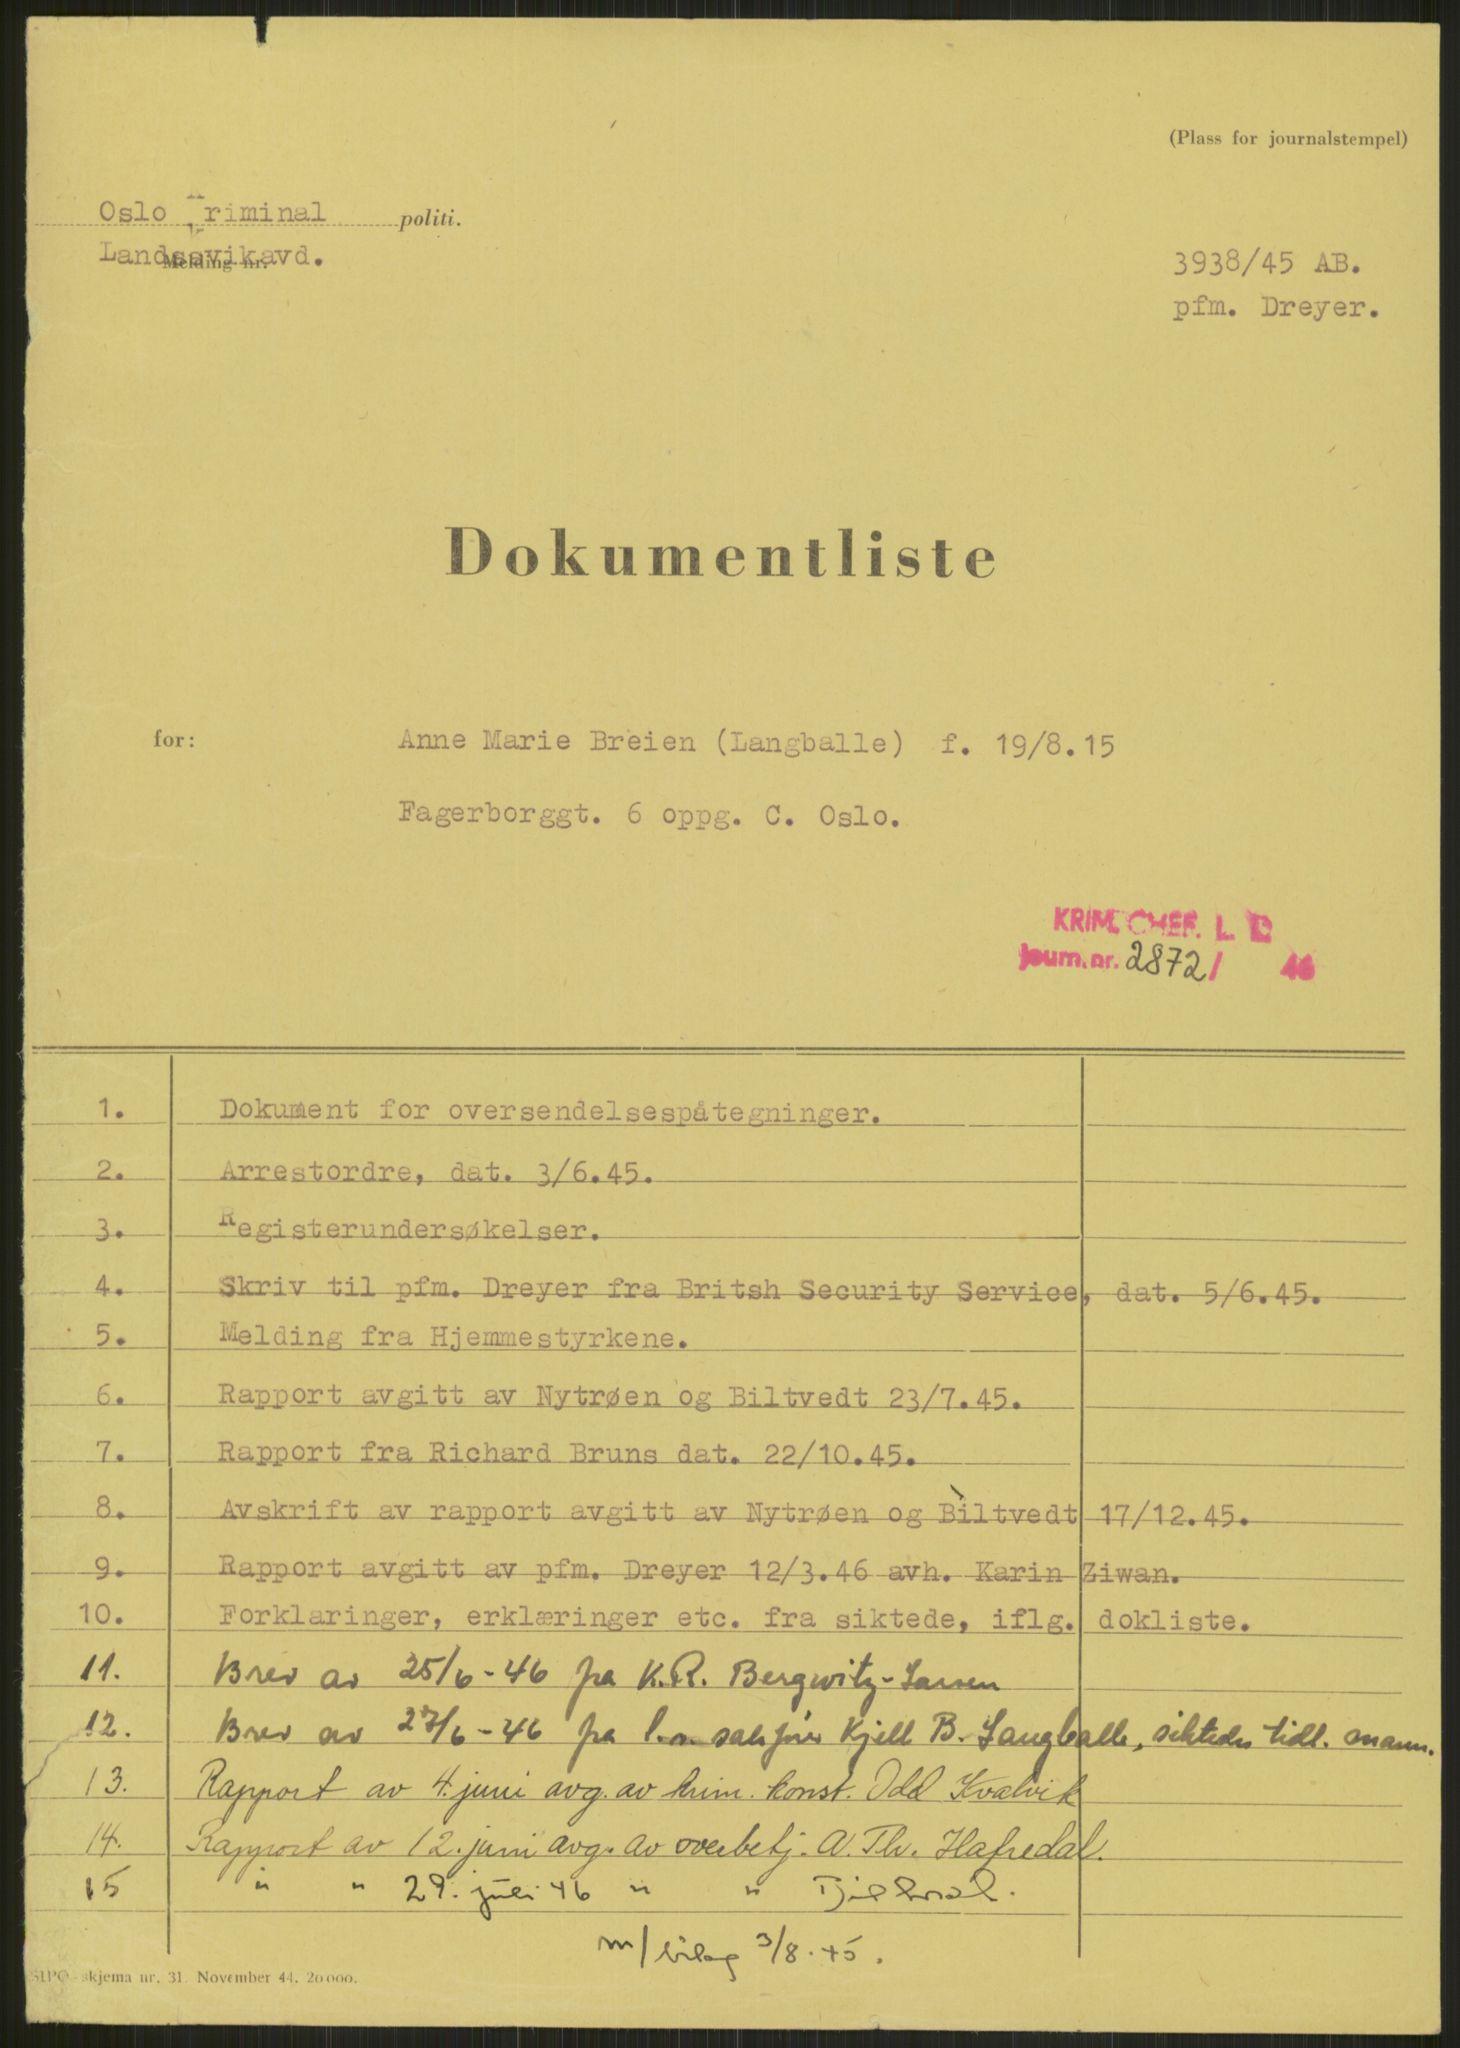 RA, Landssvikarkivet, Oslo politikammer, D/Dg/L0267: Henlagt hnr. 3658, 1945-1946, s. 5